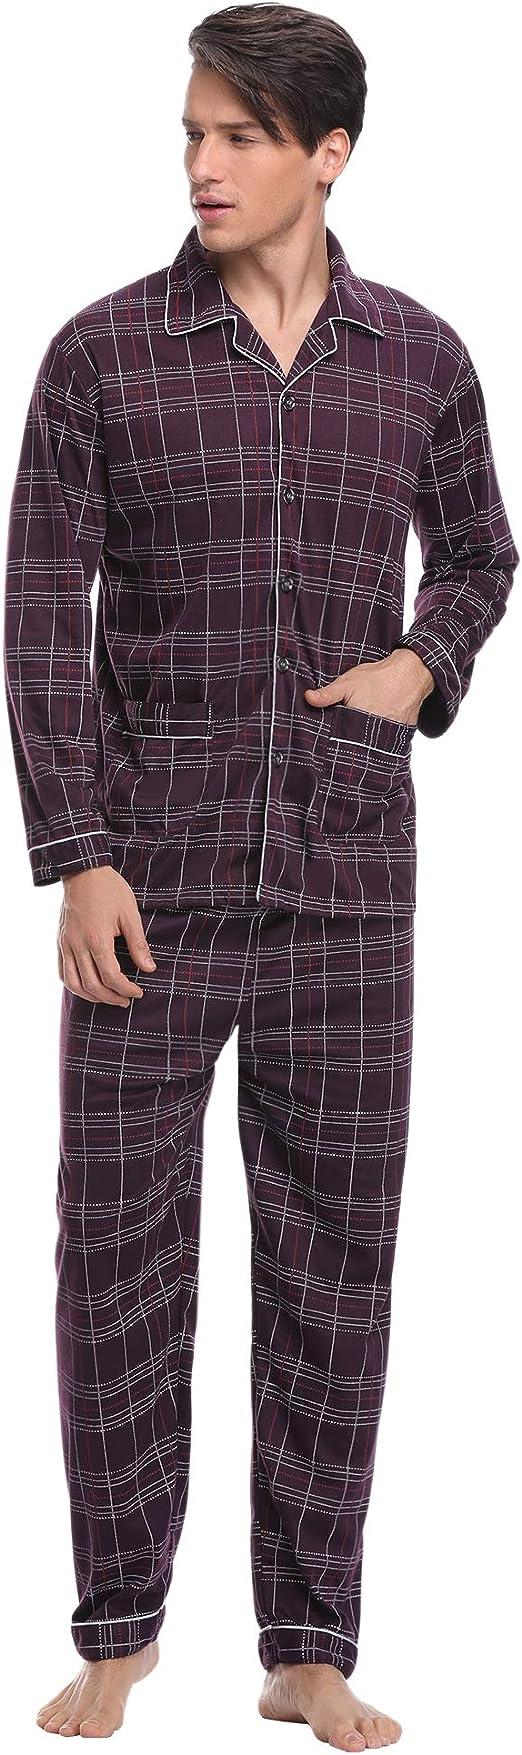 Aibrou Pijama Hombre Invierno Algod/ón,Pijamas de casa con Boton Ropa de Dormir Casual 2 Piezas Suave y C/ómodo